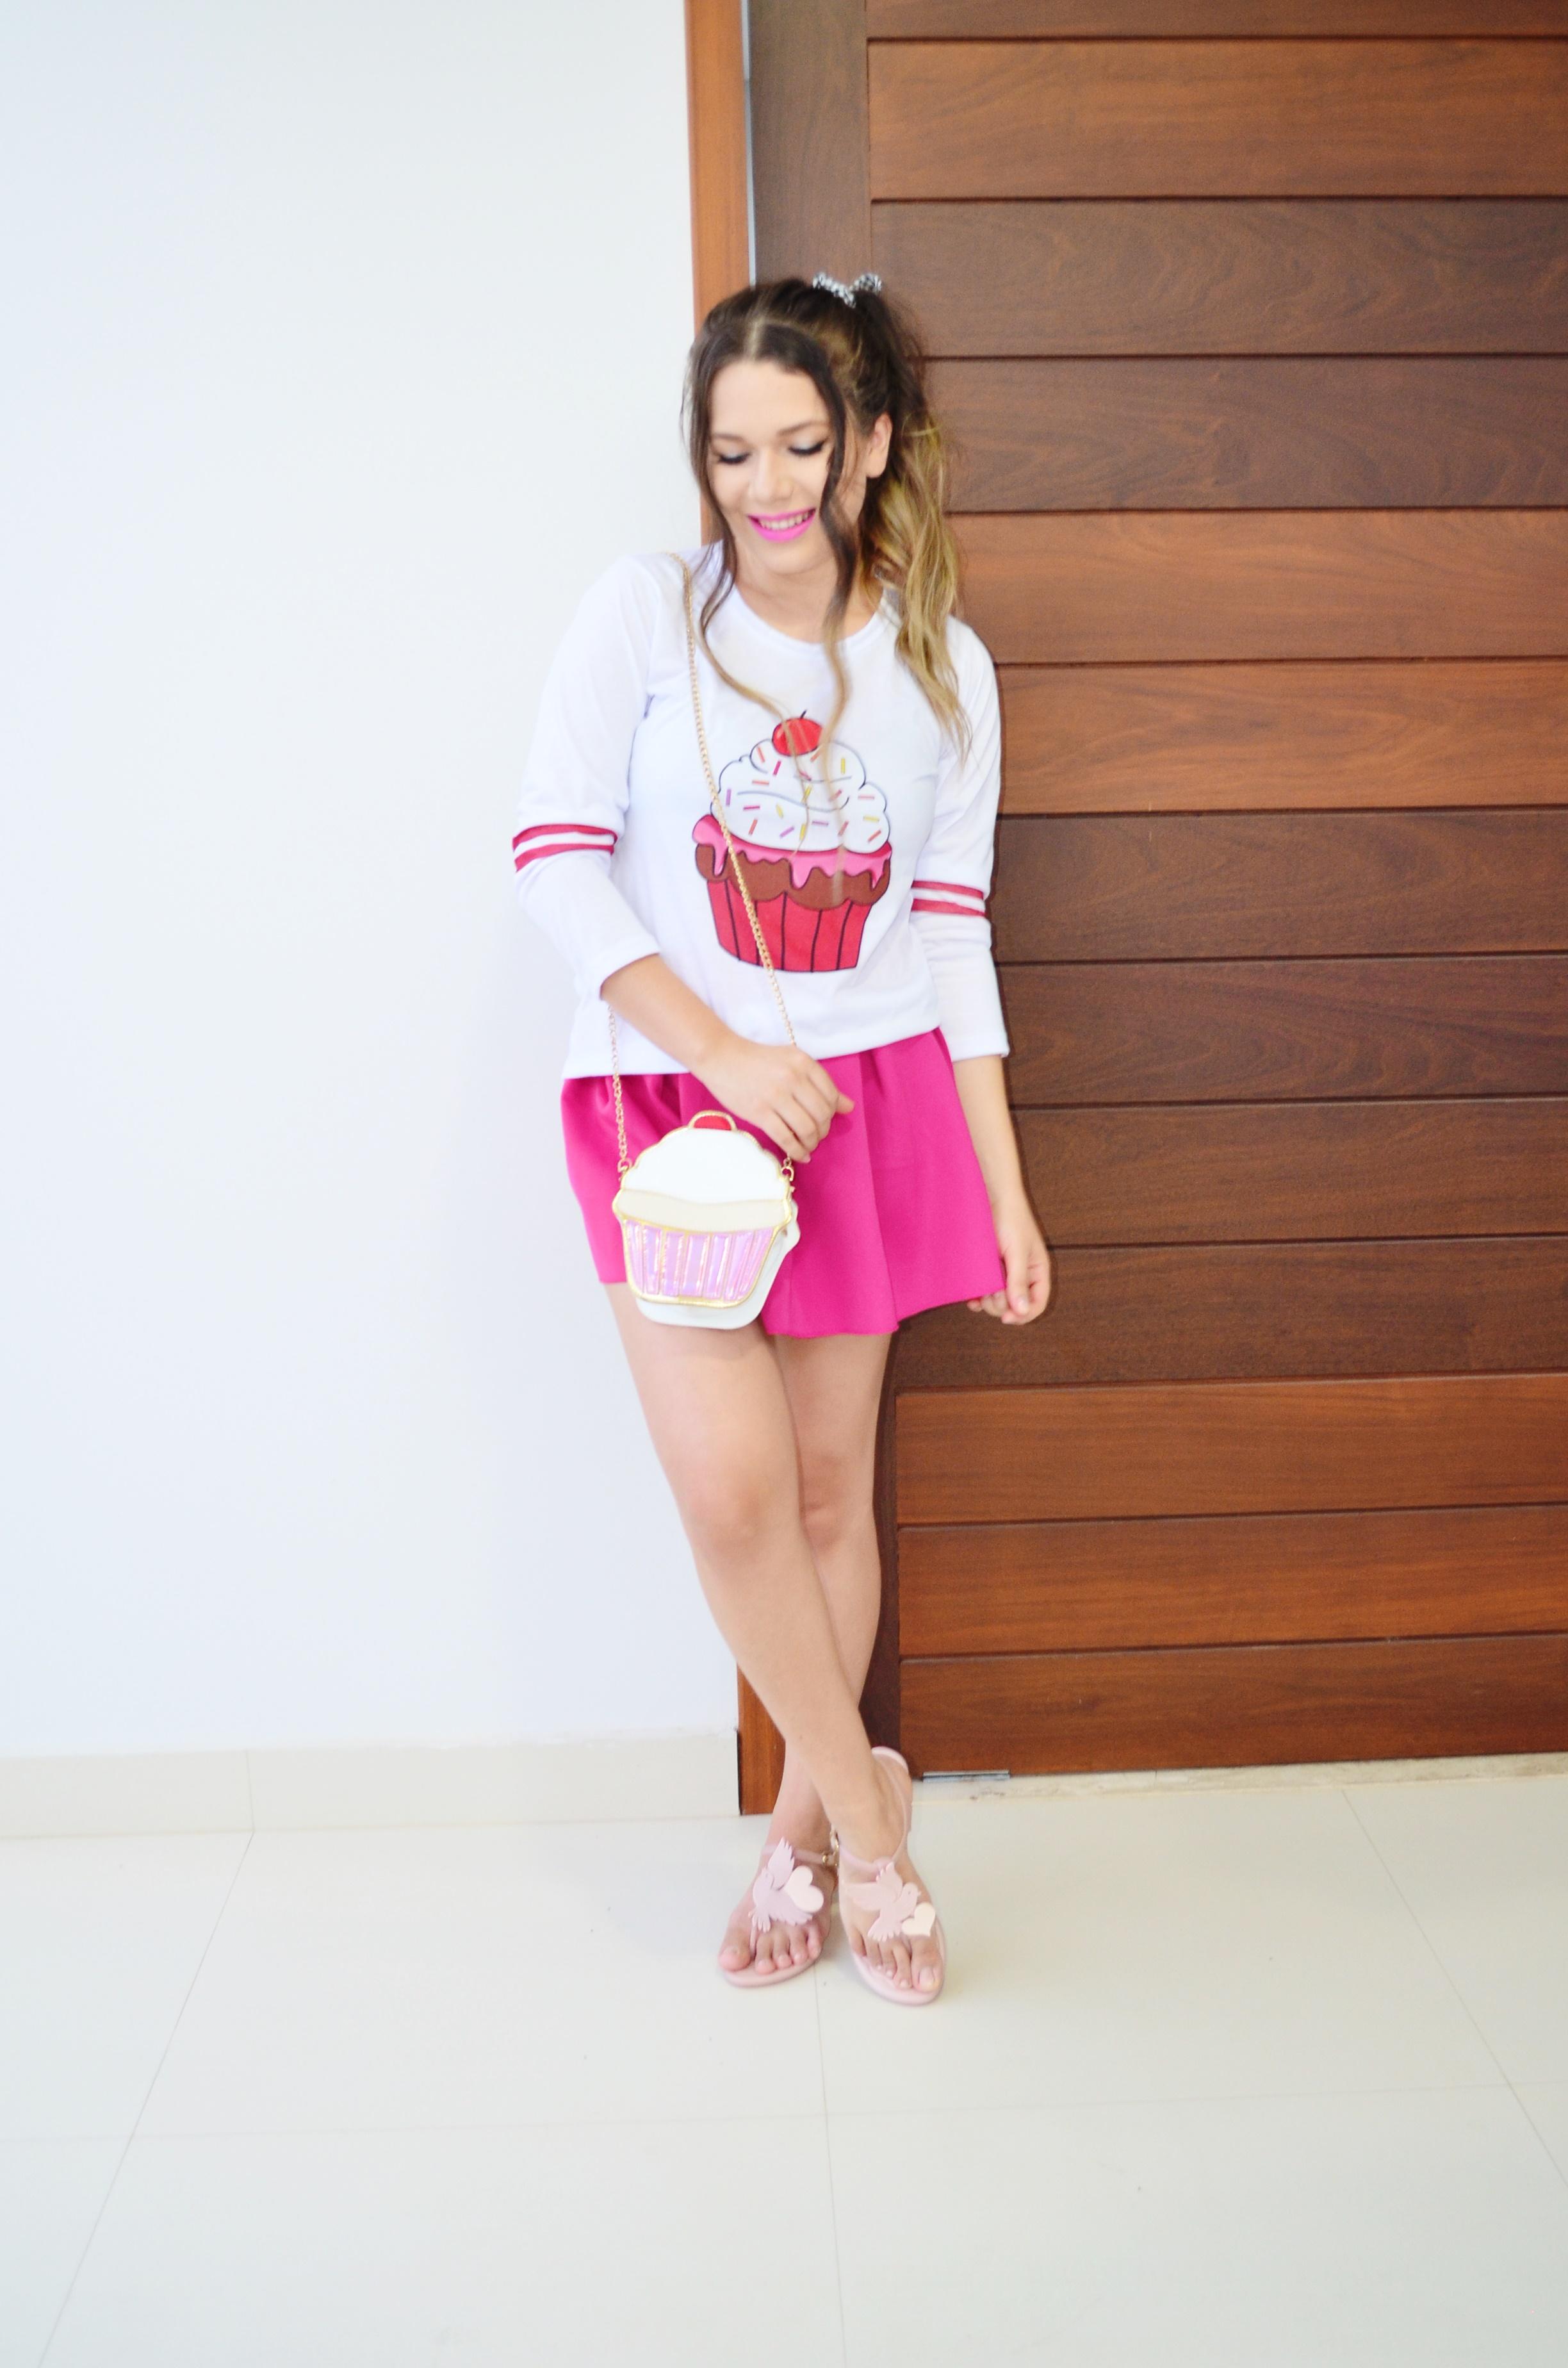 look-melissa-vivienne-westwood-anglomania-melissa-solar-ii-camisa-cupcake-e-saia-pink-5